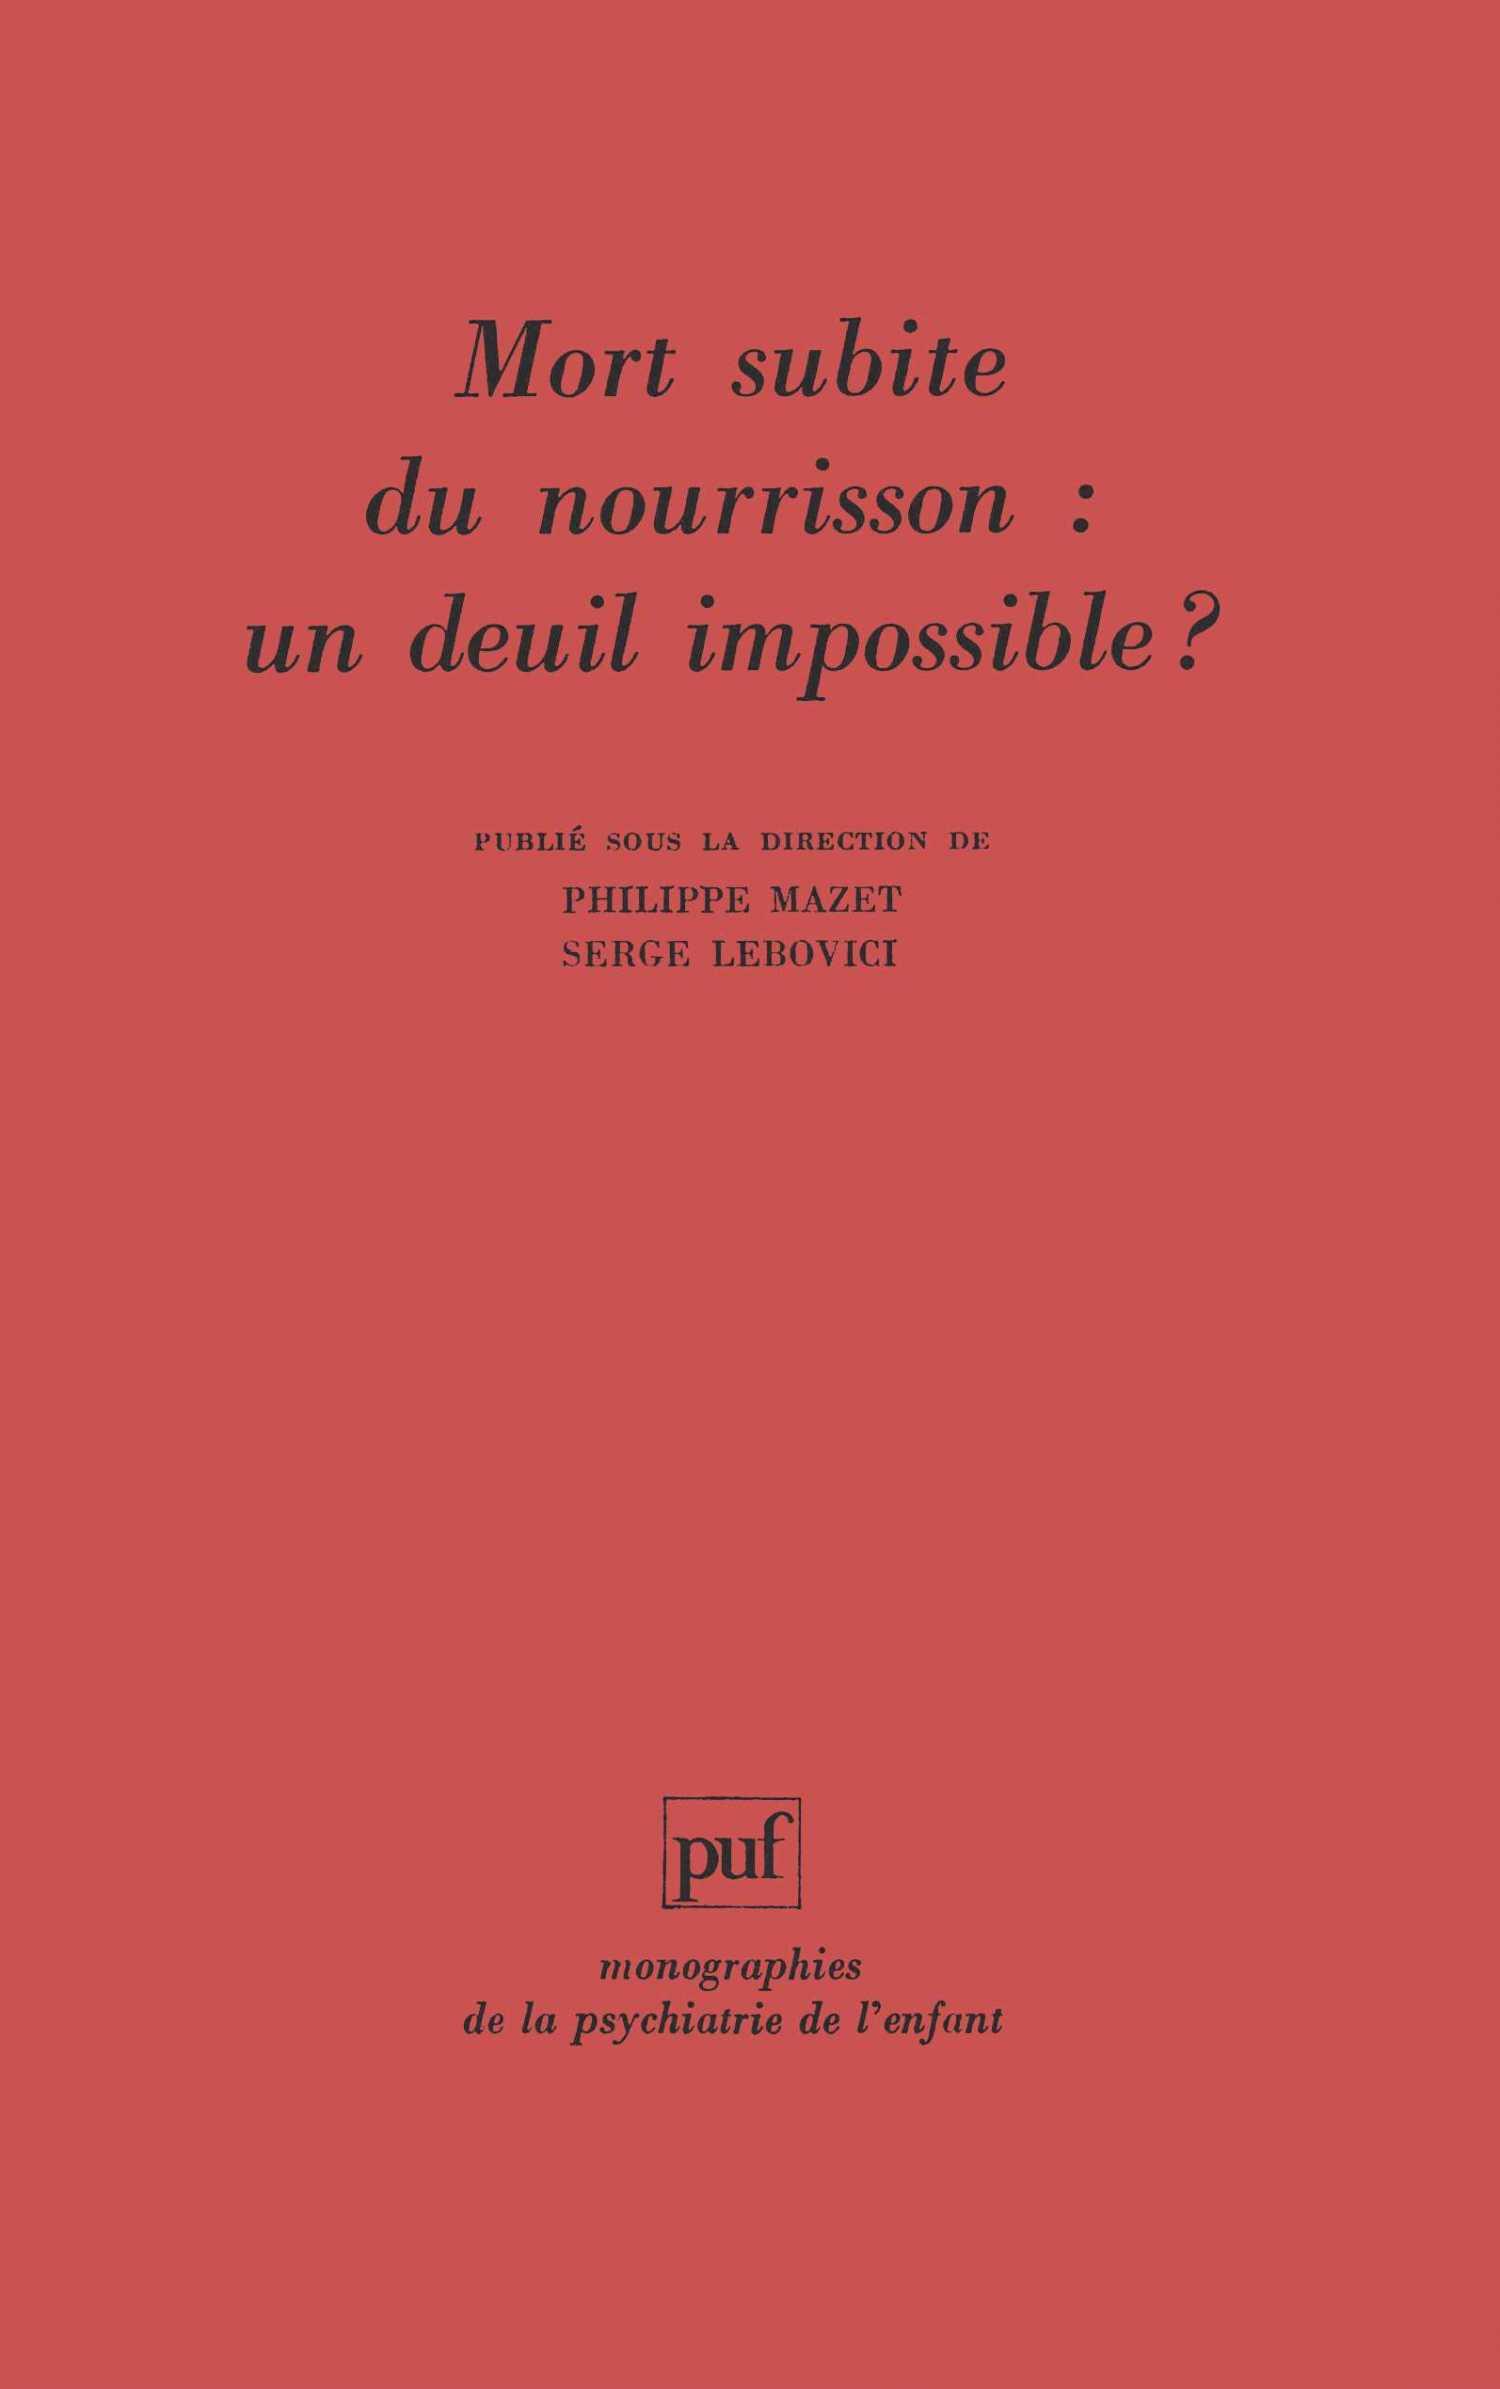 Mort subite du nourrisson : un deuil impossible ? - Serge Lebovici ...